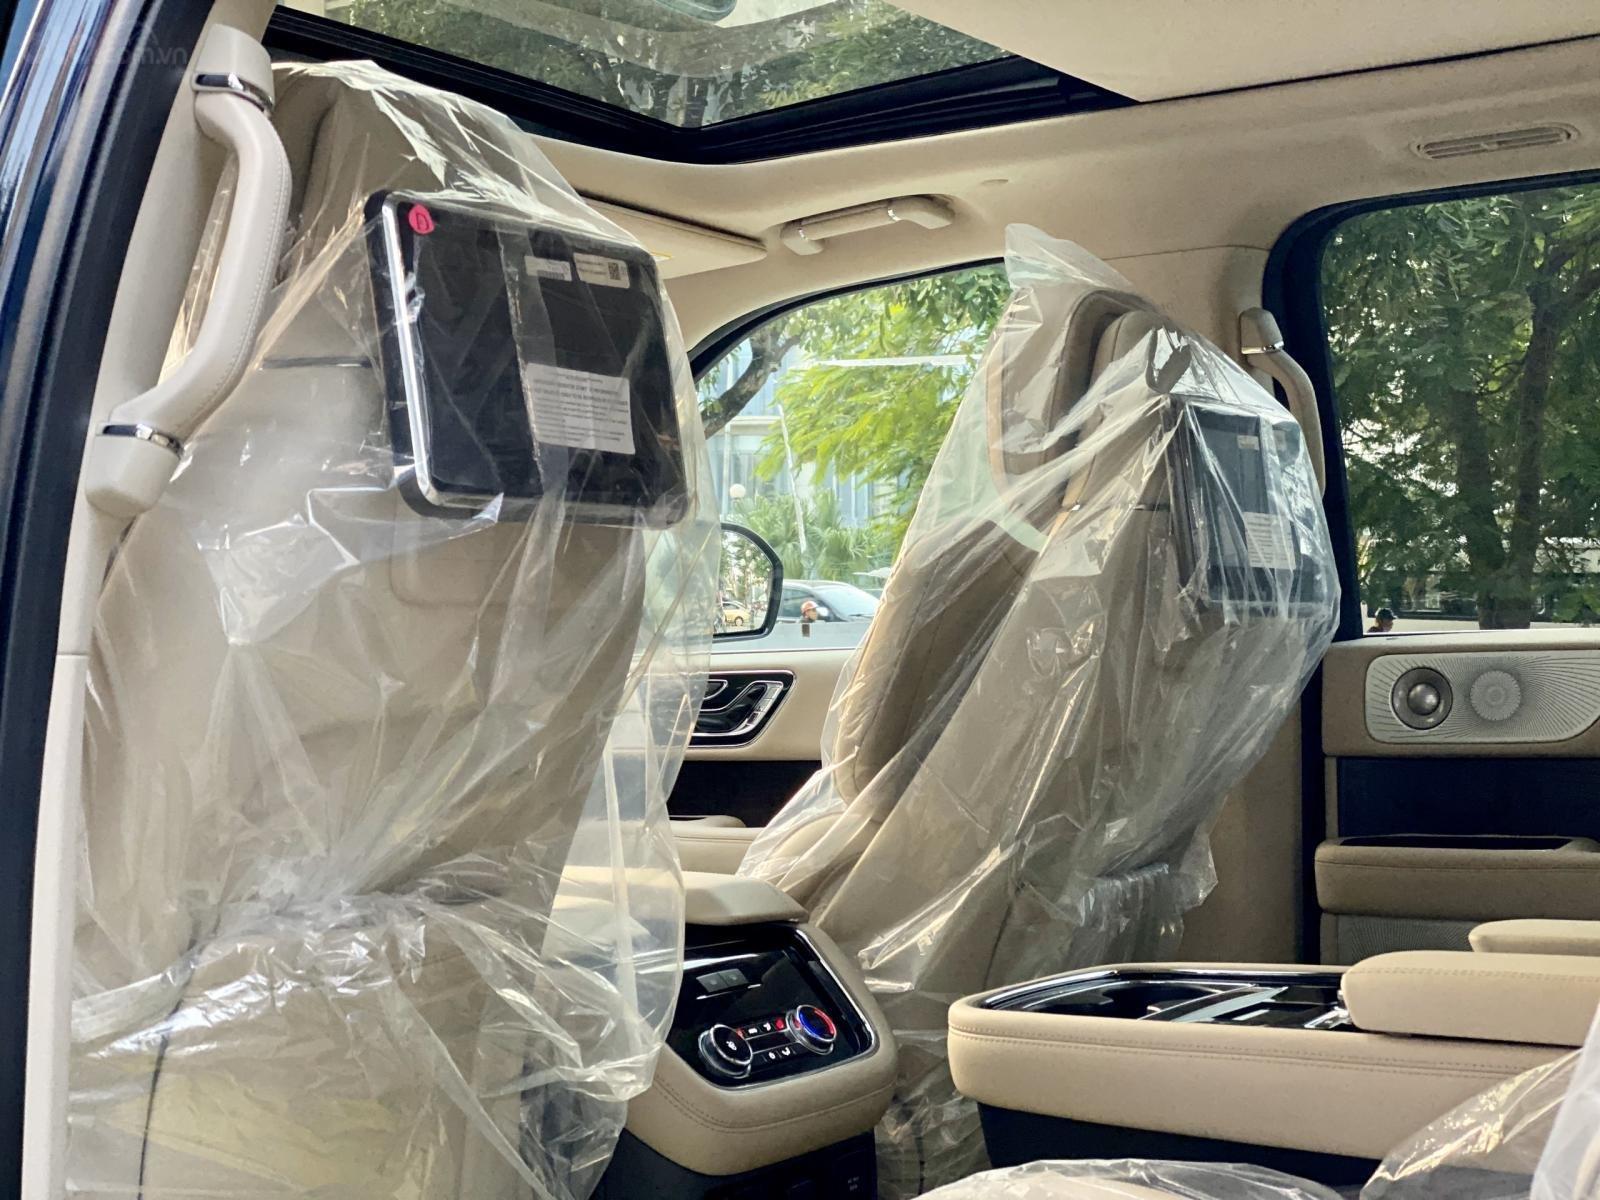 Bán xe Lincoln Navigator Navigator 2020, giá tốt, giao ngay toàn quốc. LH Ms. Hương 0945.39.2468 (17)